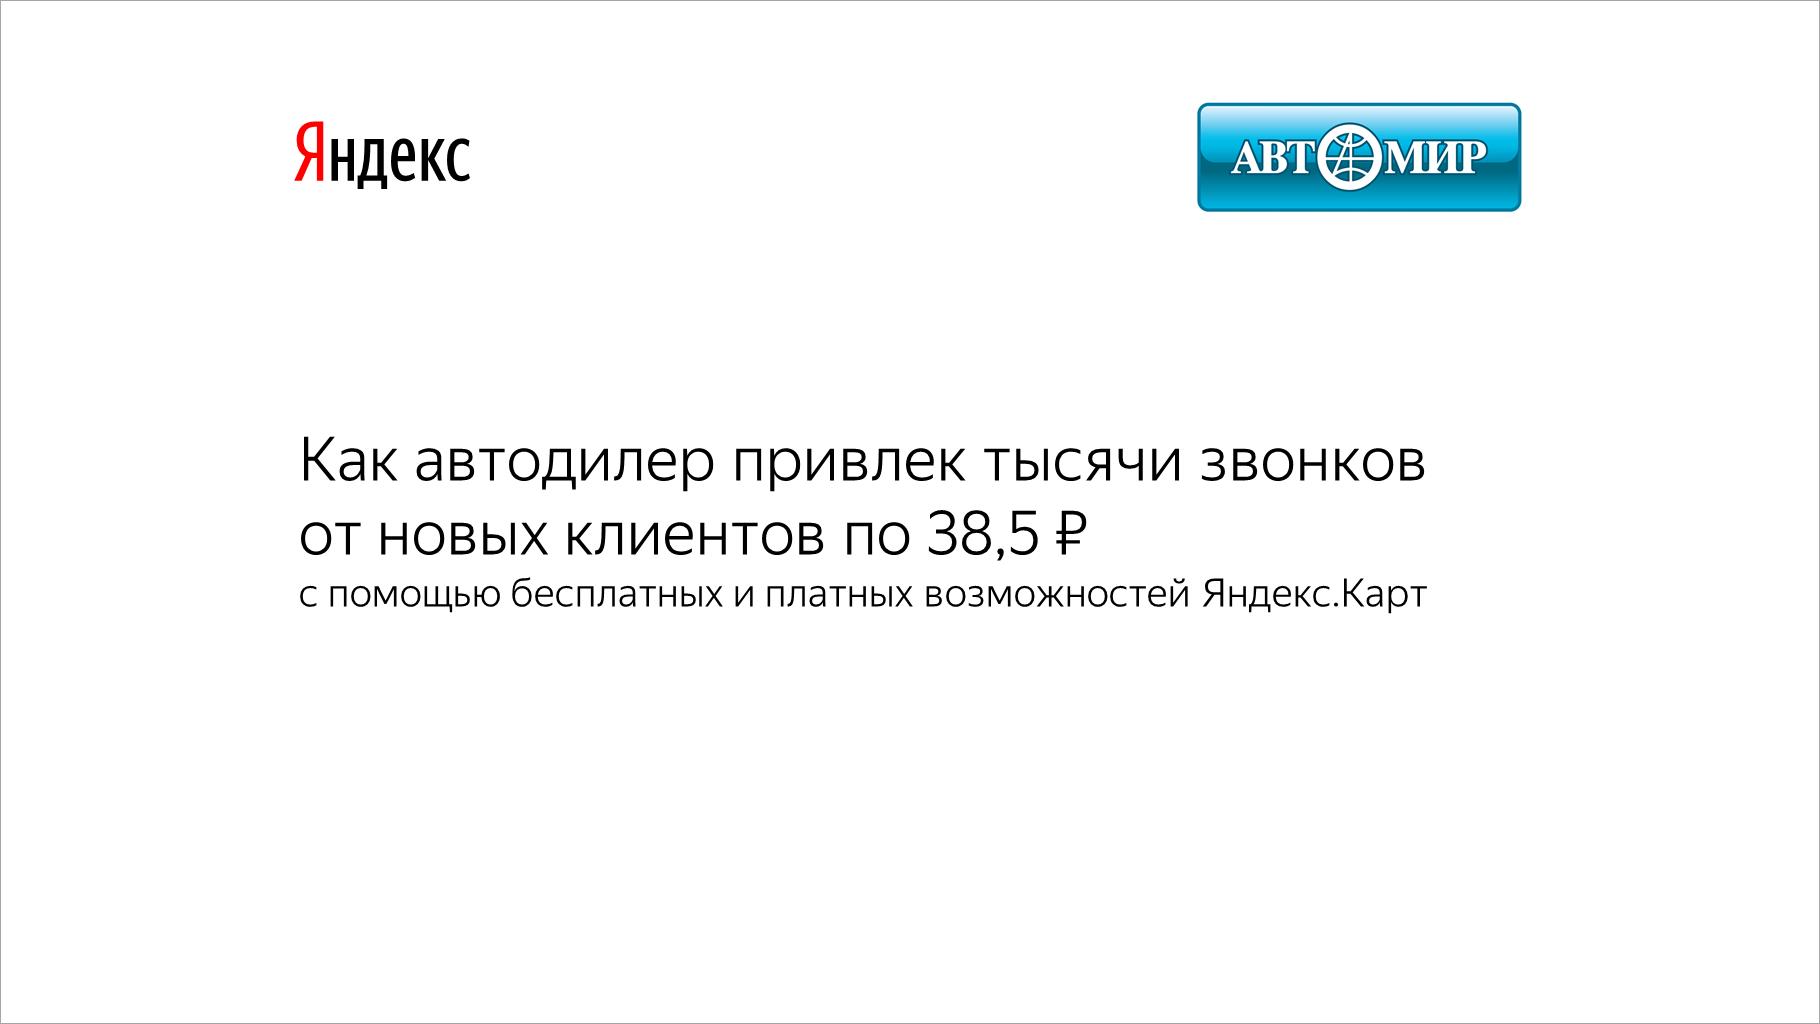 Как автодилер привлек тысячи звонков отновых клиентов по38,5₽ спомощью Яндекс.Карт